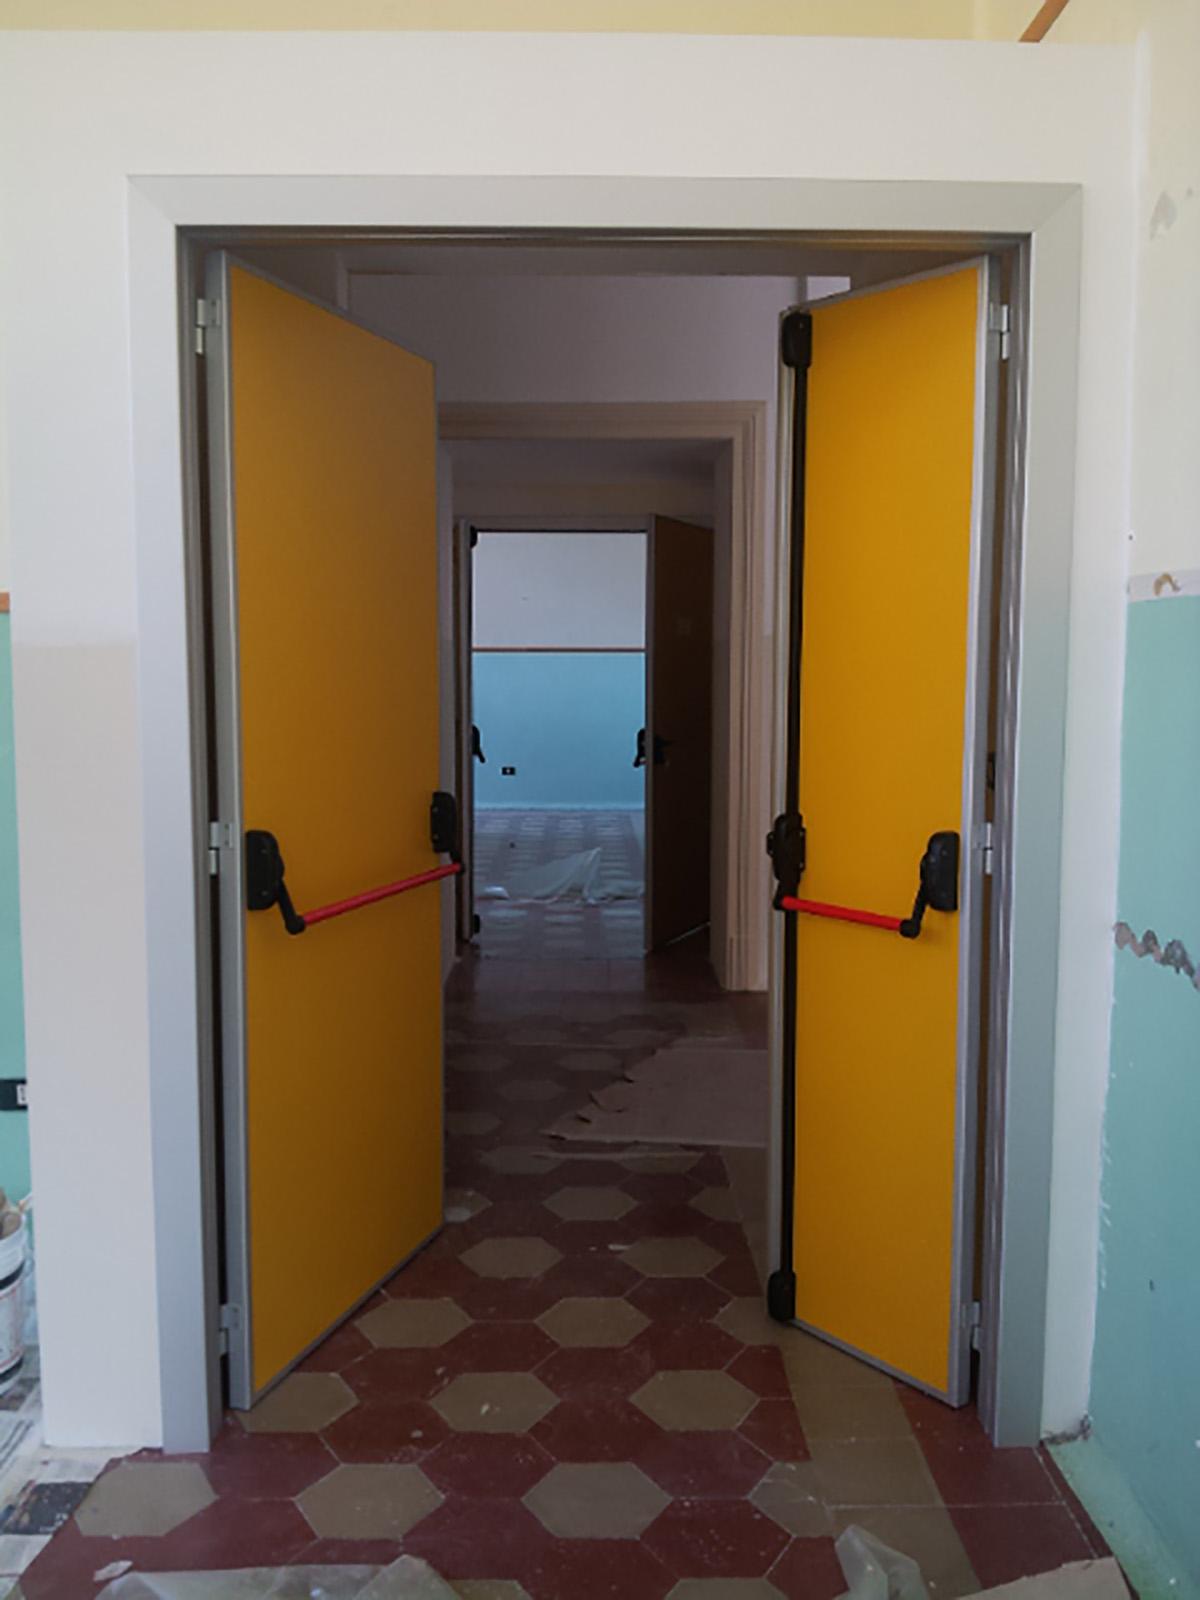 Perico-Renato-Pradalunga (BG) - Scuola comunale - Manutenzione straordinaria 3